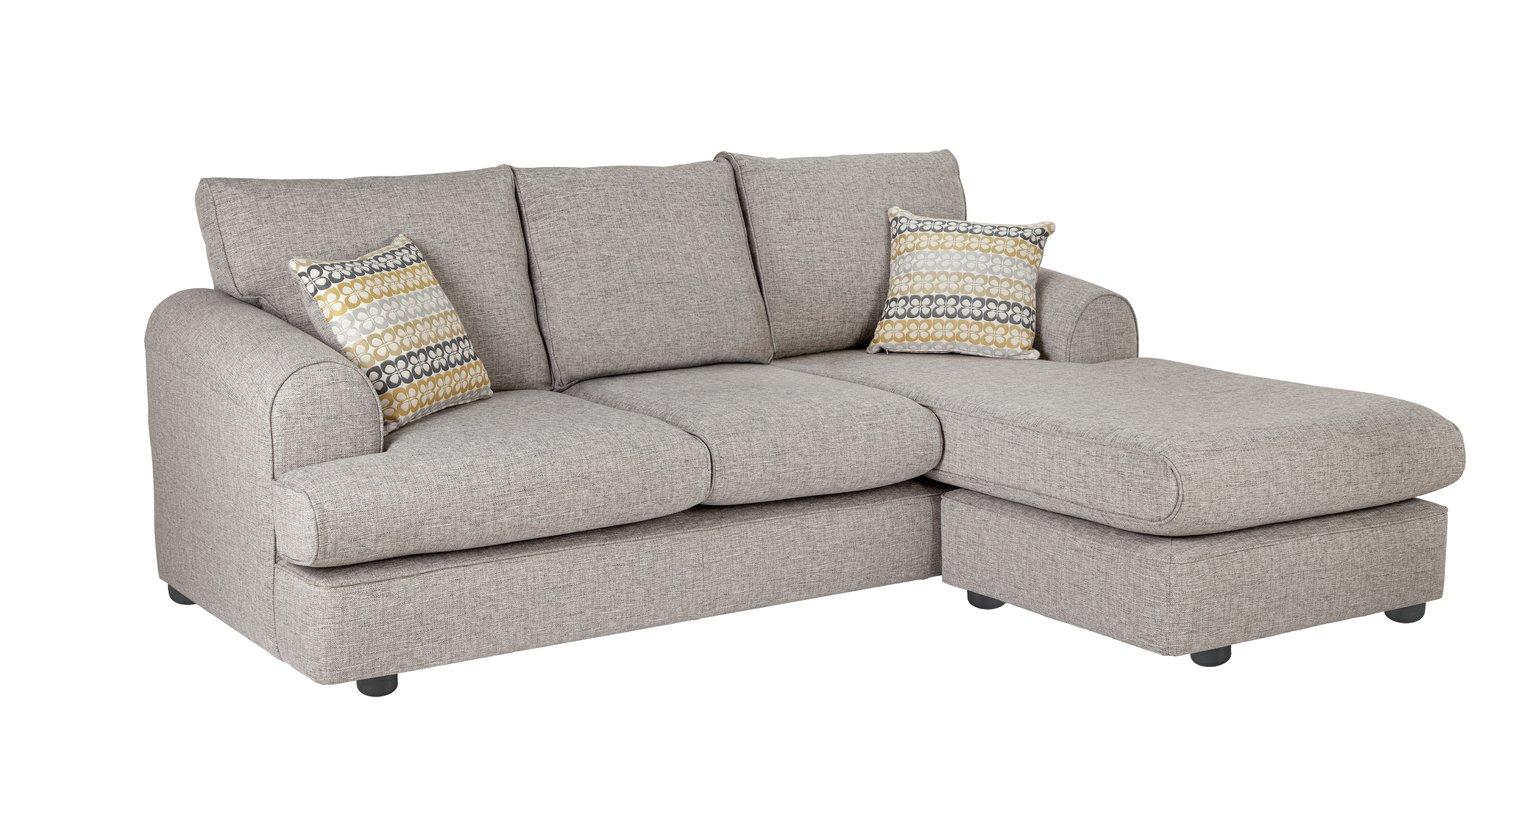 Argos Home Atticus Right Corner Fabric Chaise Sofa - Grey